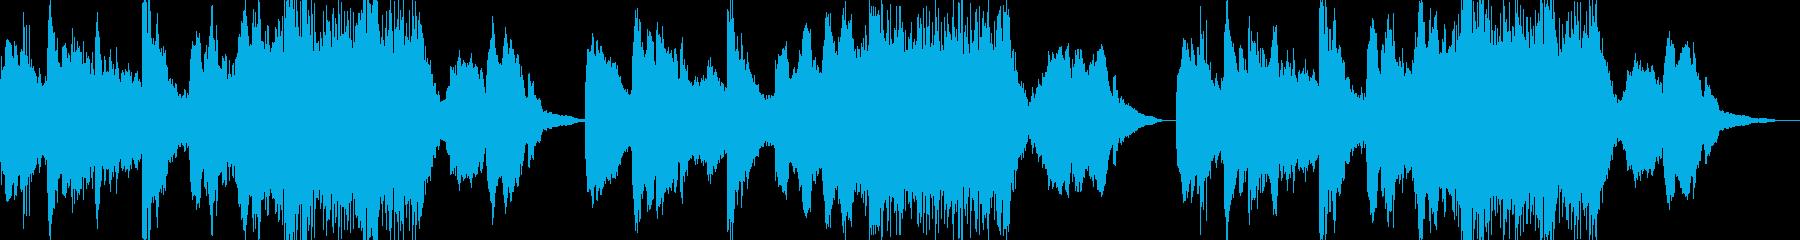 モダンでドラマチックなサウンドの再生済みの波形